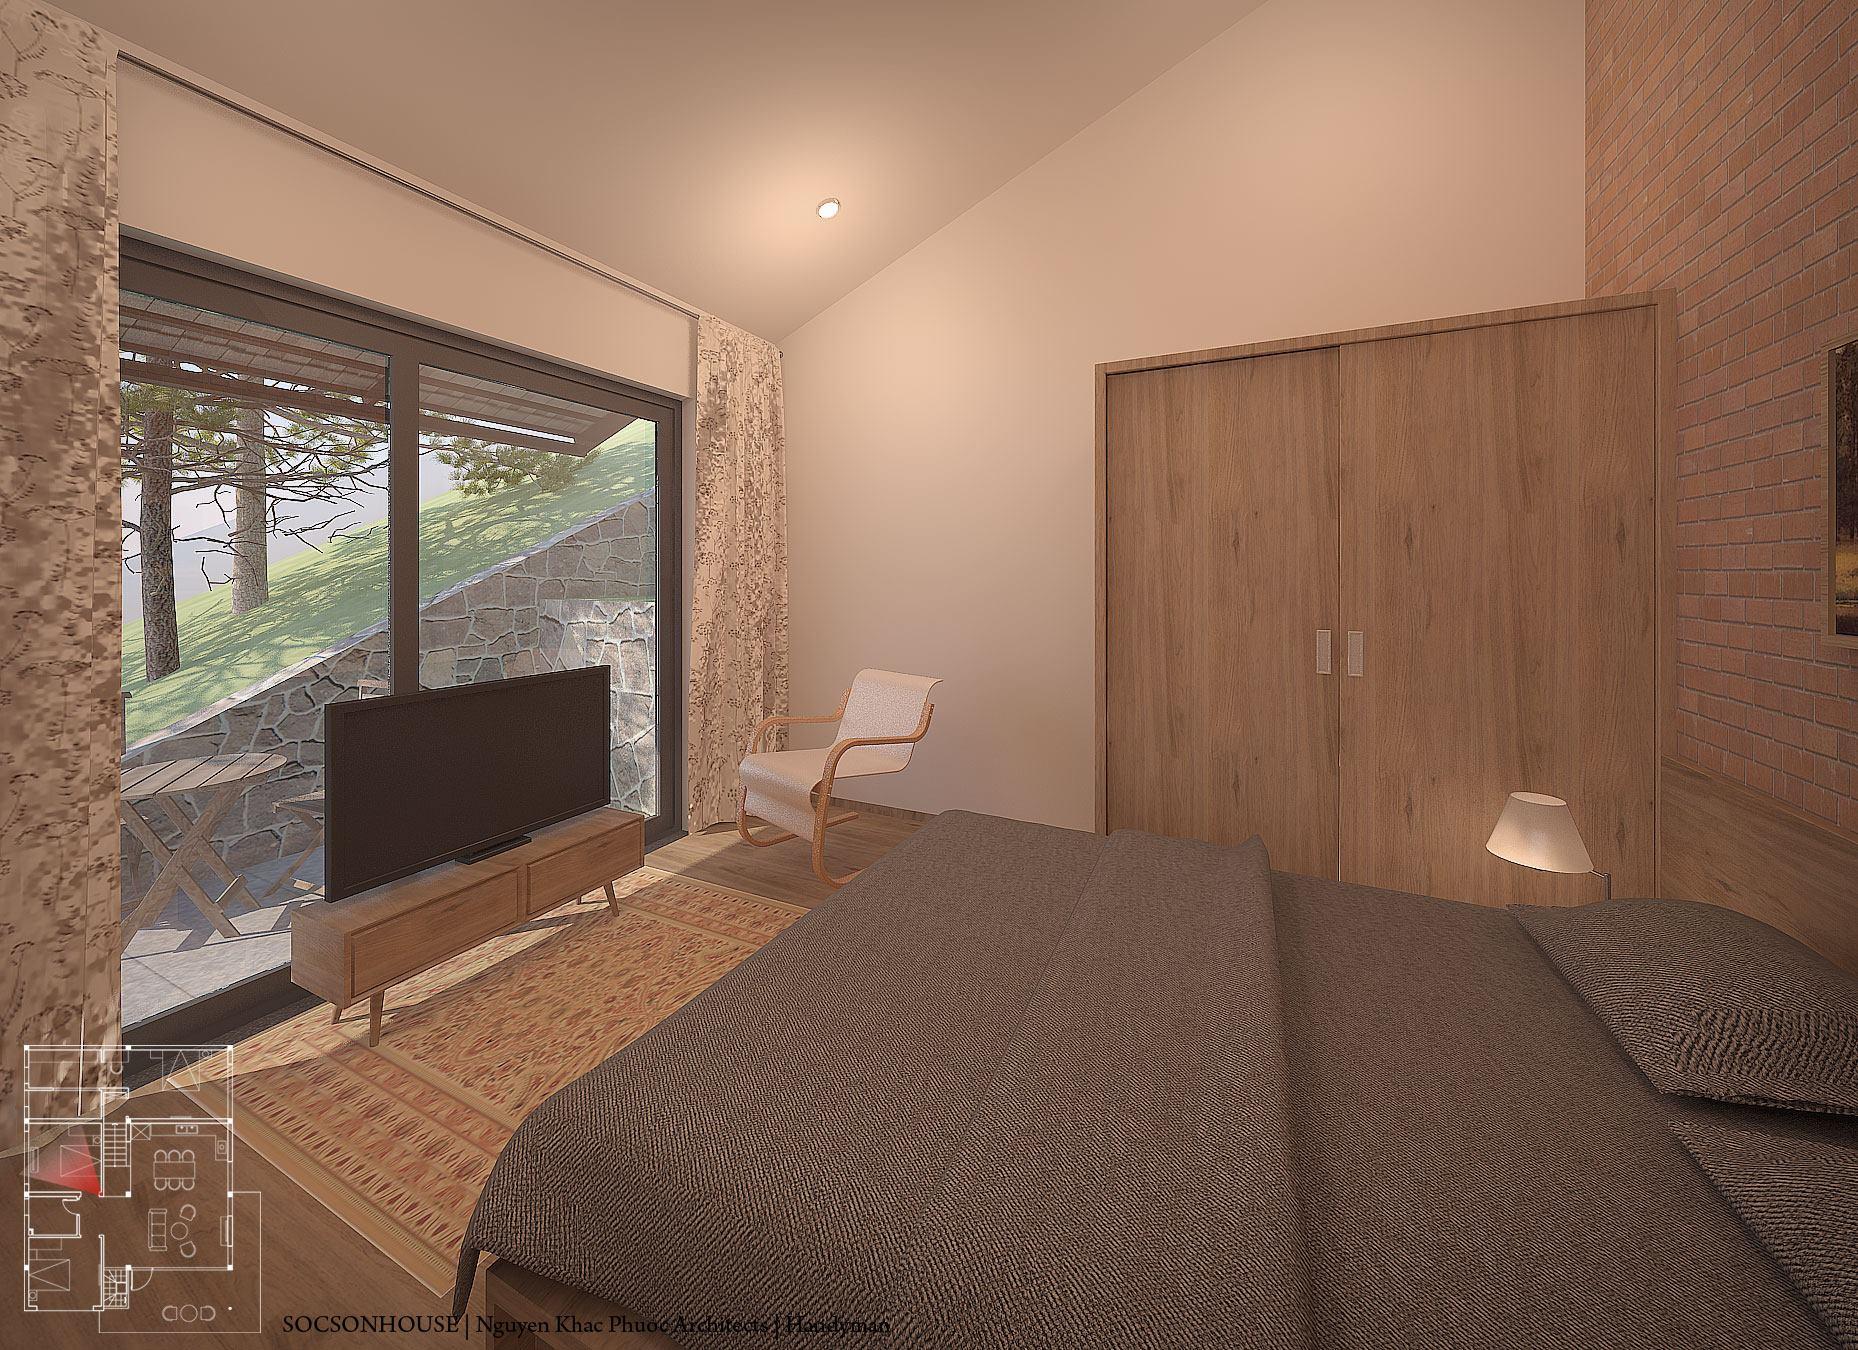 Thiết kế biệt thự đẹp mái chồng mái nằm lưng chừng núi ở Sóc Sơn - Nhà Đẹp Số (3)